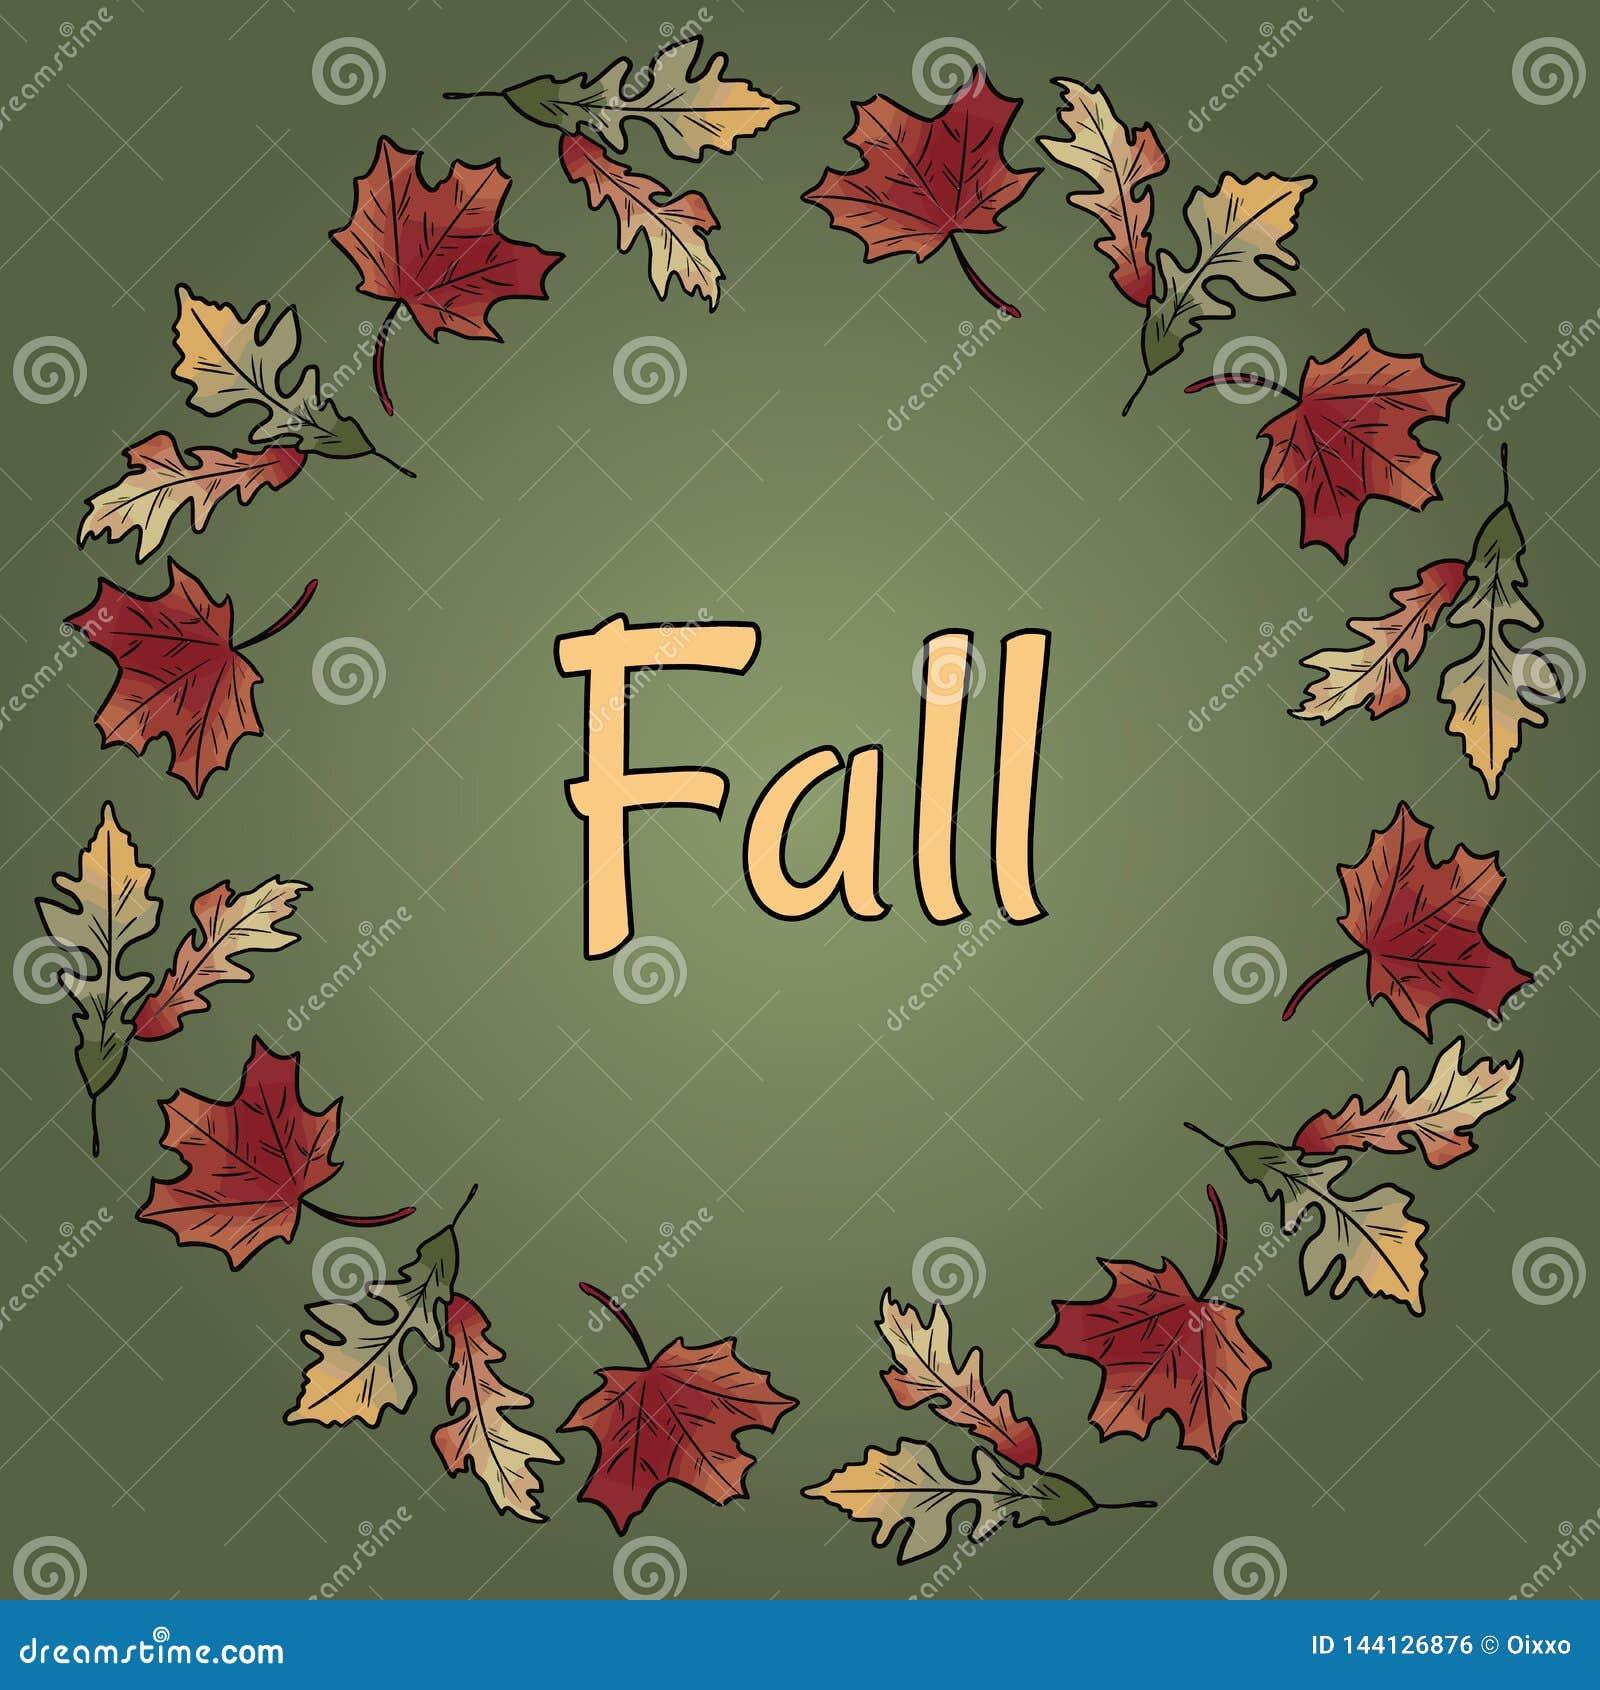 Texte de chute en ornement de guirlande de feuilles d automne Feuillage orange et rouge d automne